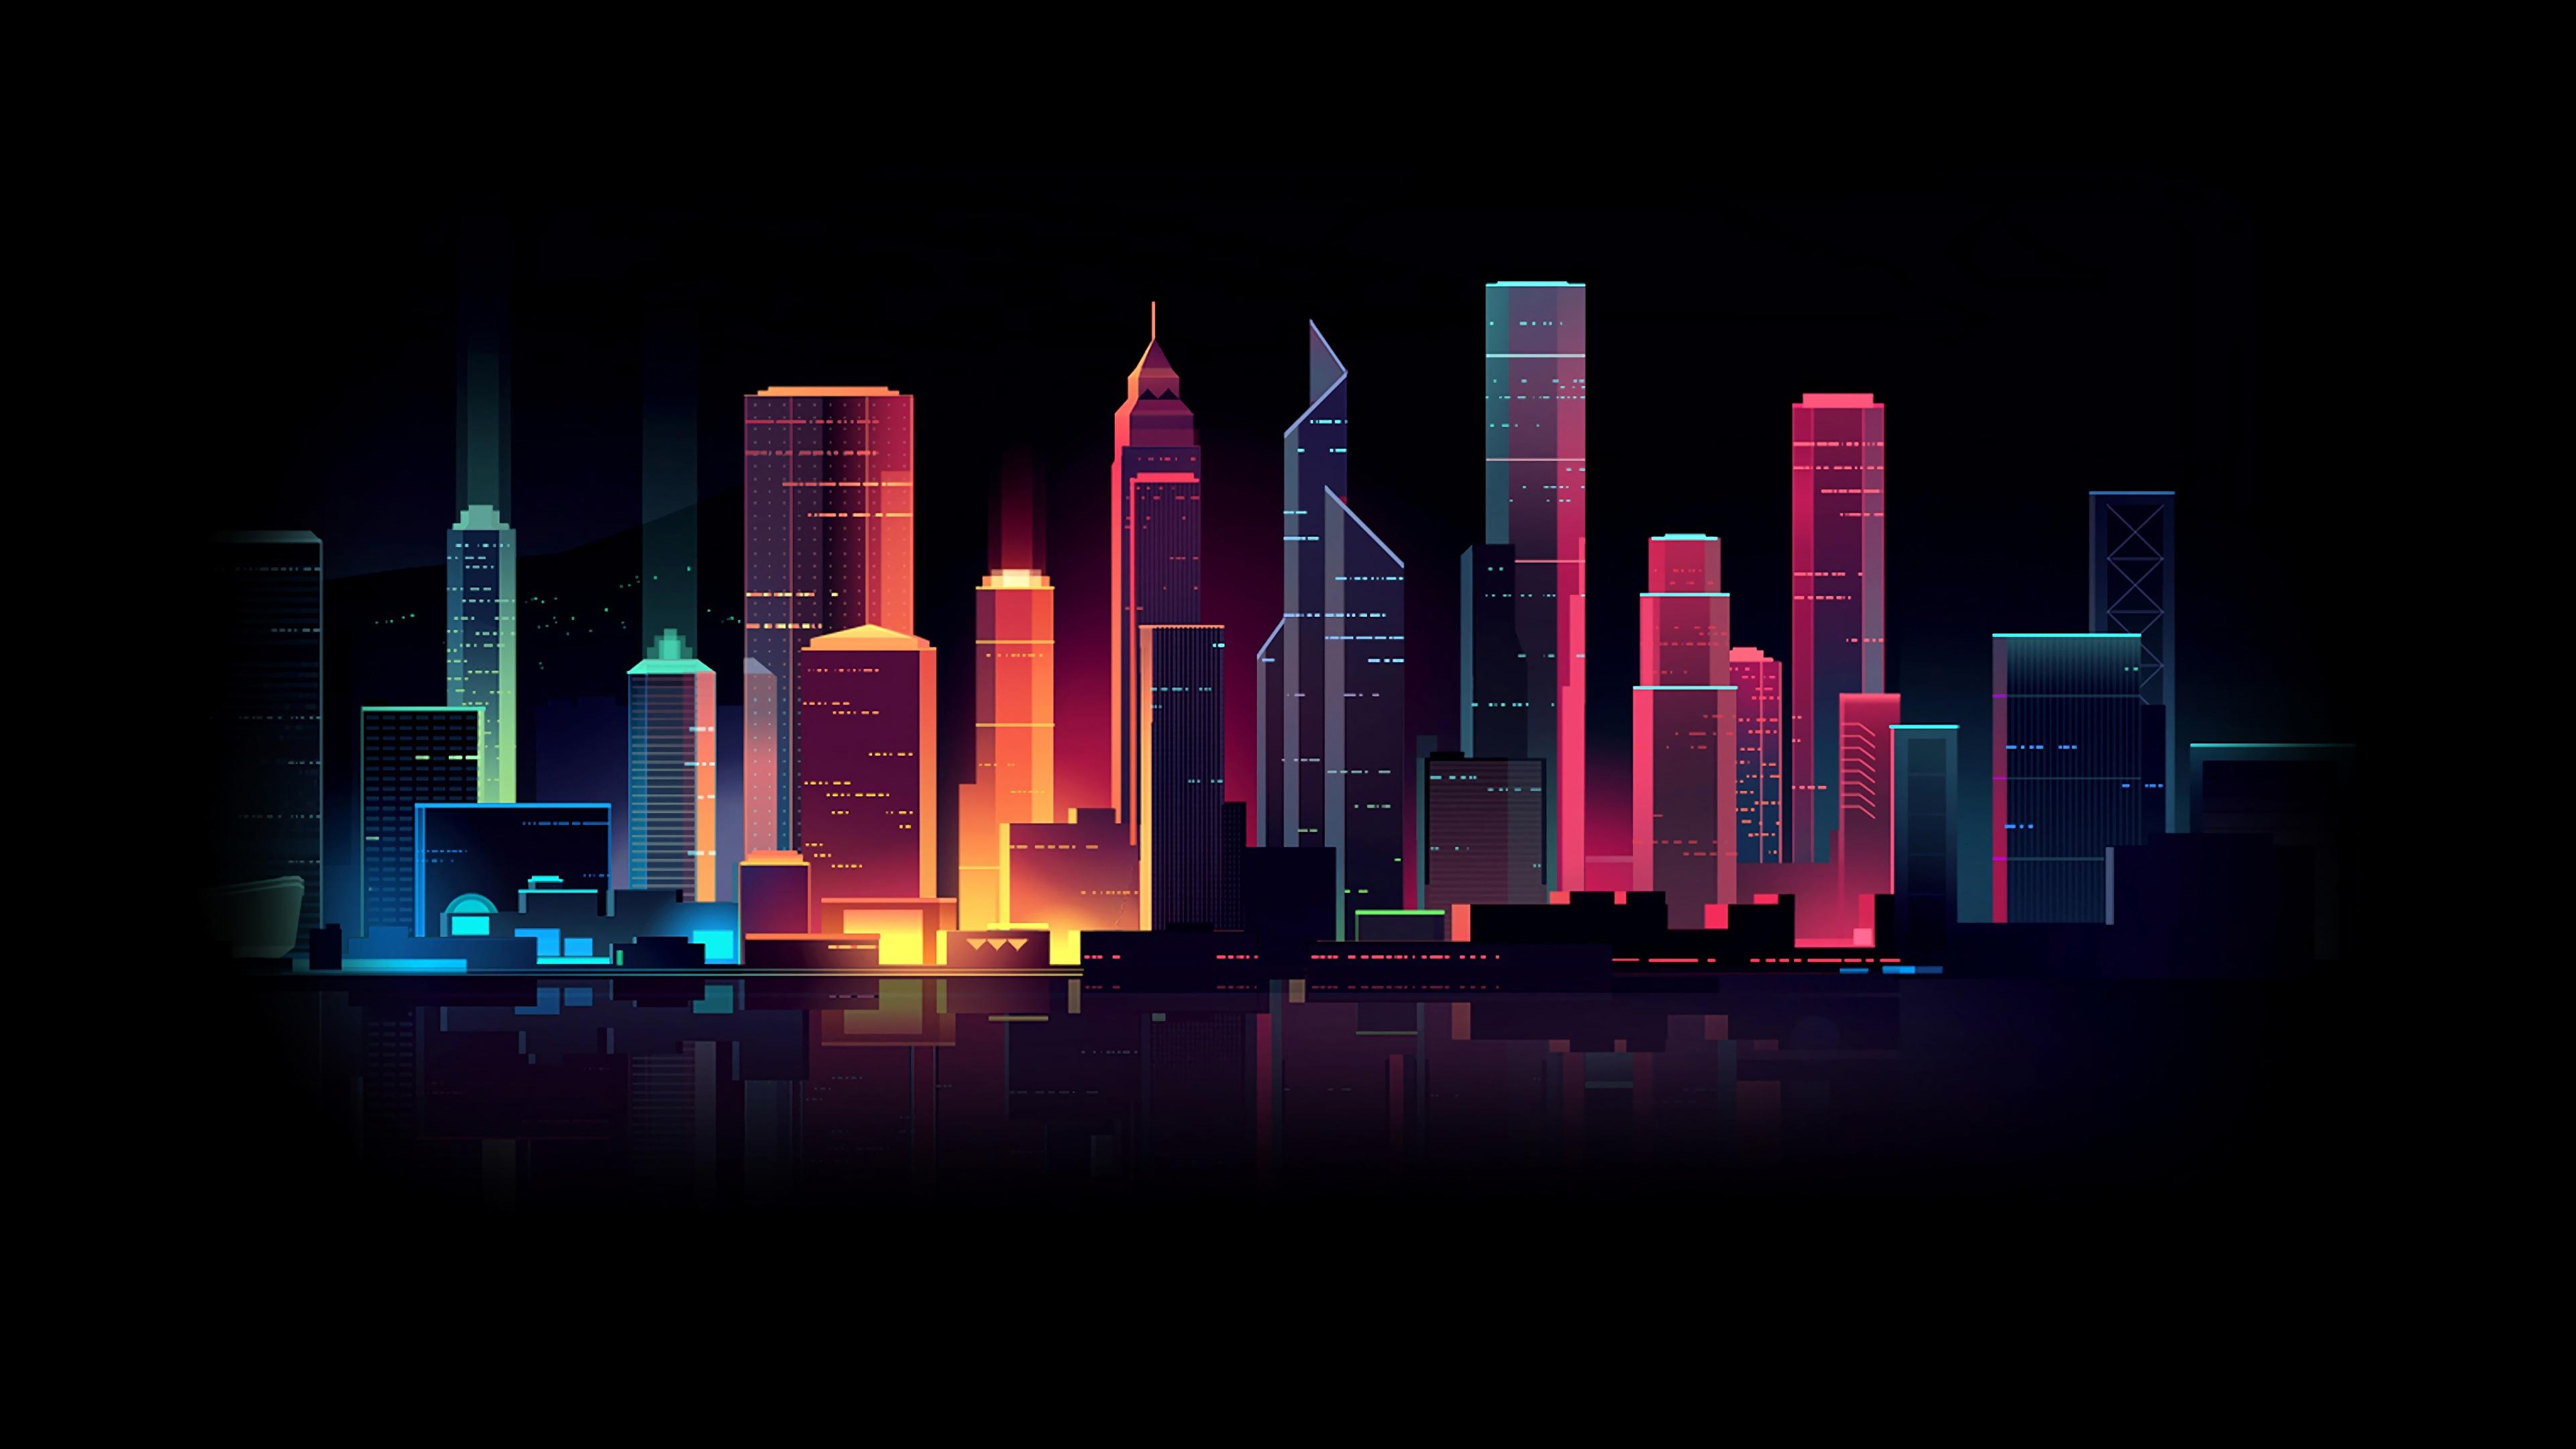 Картинки Синтвейв by Romain Trystram ночью Небоскребы город Здания 3840x2160 Ретровейв Ночь в ночи Ночные Дома Города